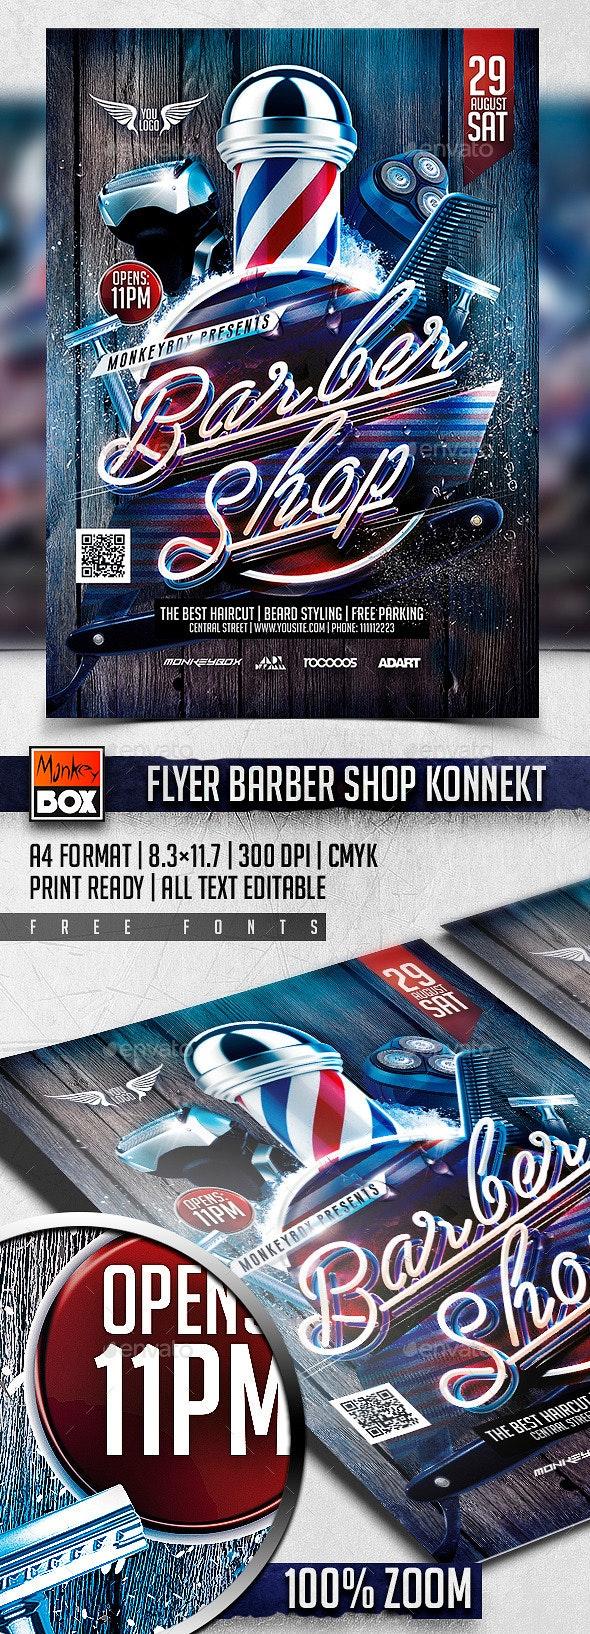 Flyer Barber Shop Konnekt - Events Flyers